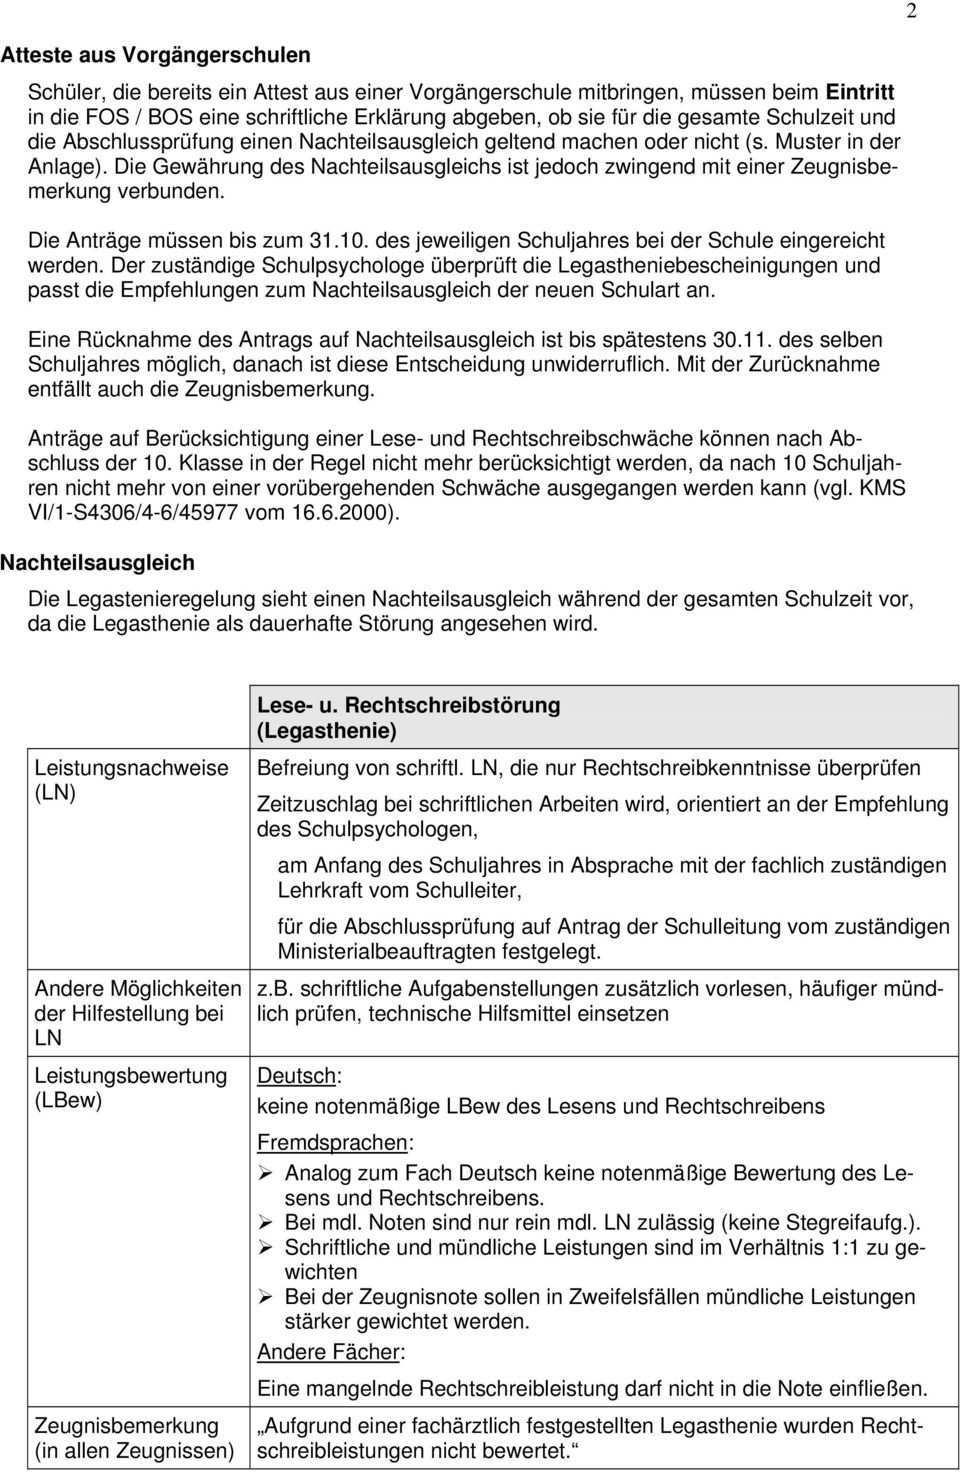 Informationen Zur Anerkennung Einer Legasthenie An Fachoberschulen Und Berufsoberschulen Verfahrensweise In Sudbayern Pdf Free Download